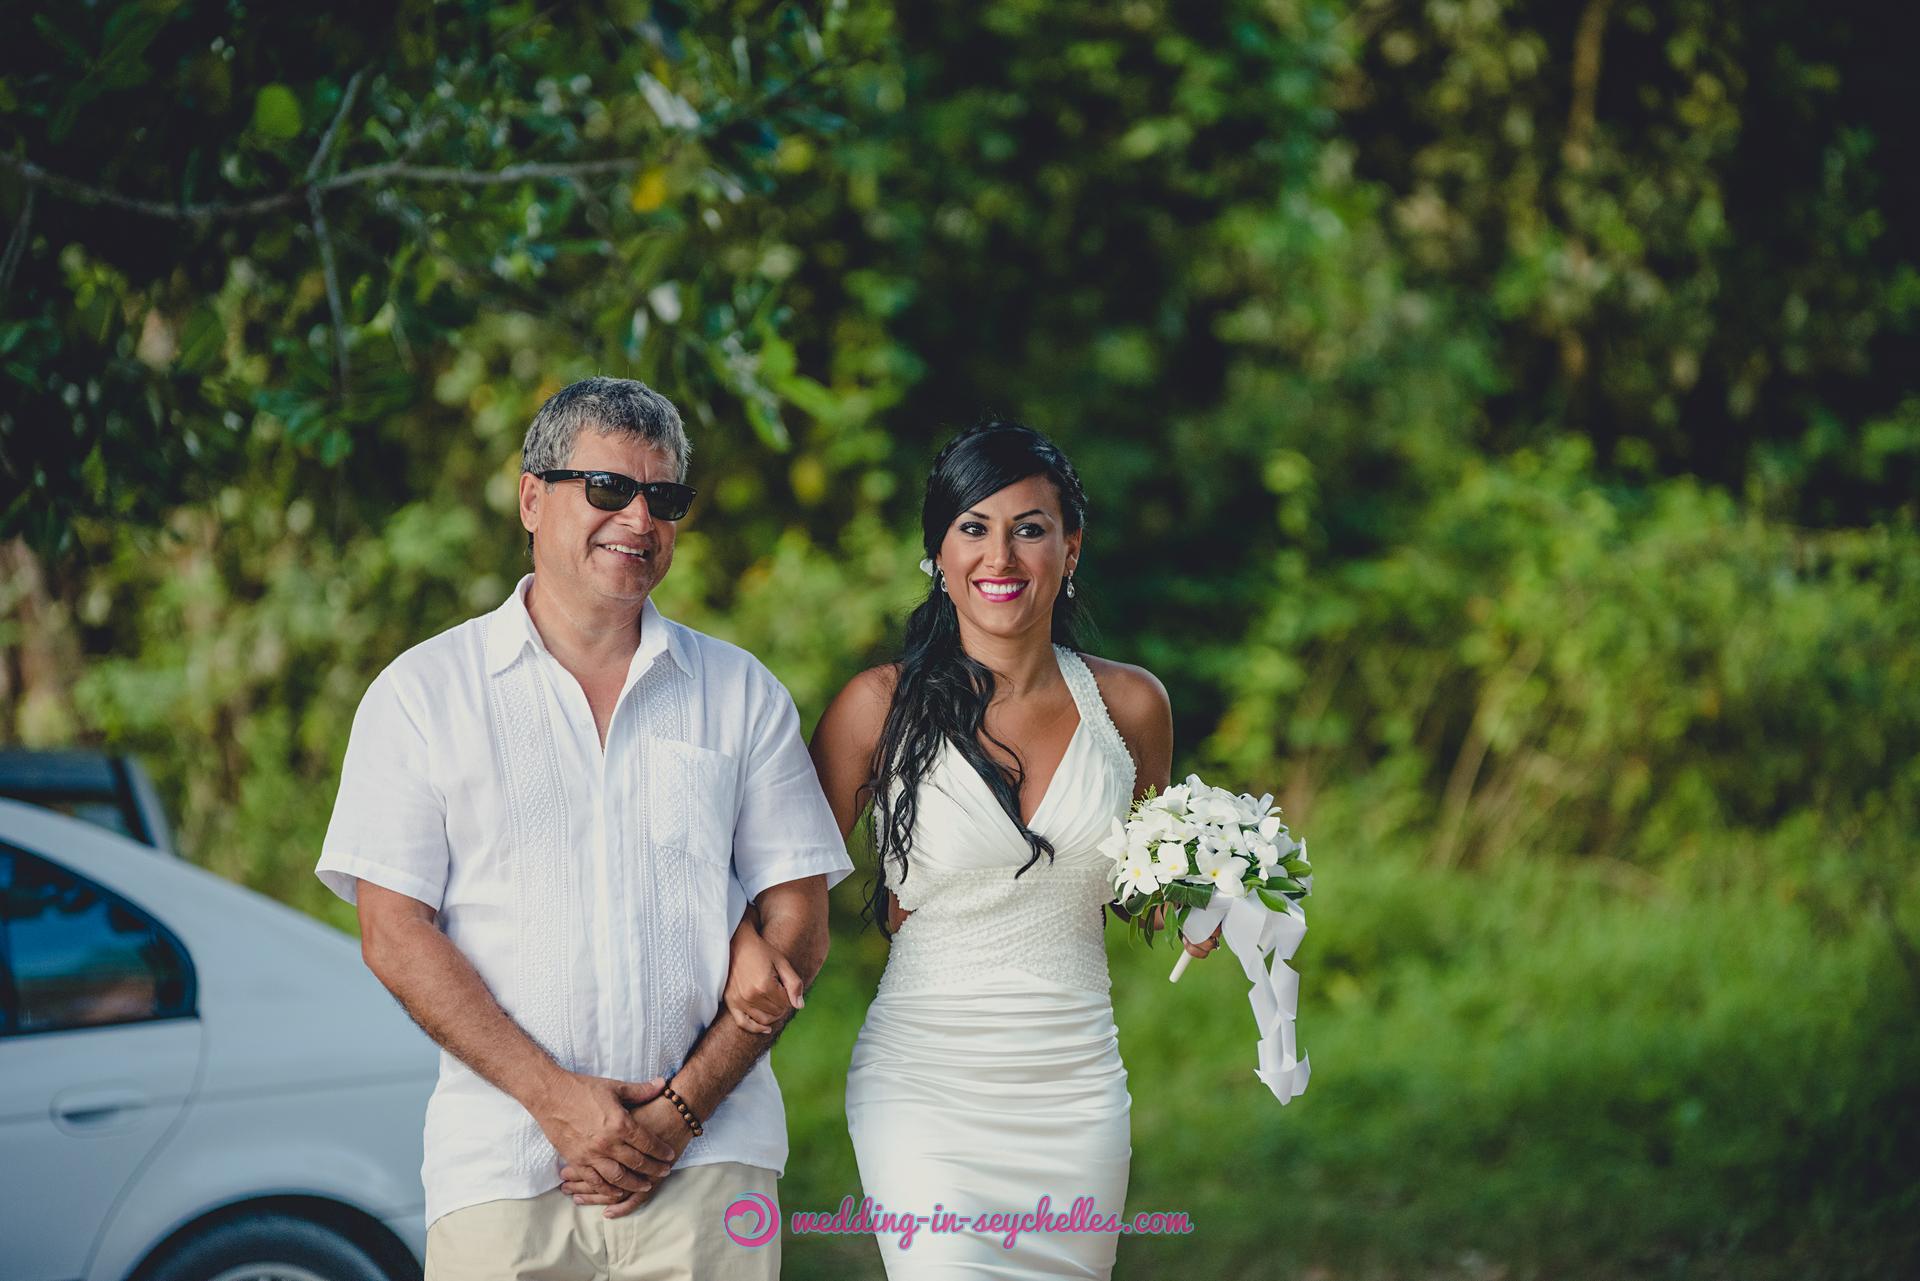 galerie weddings in seychelles